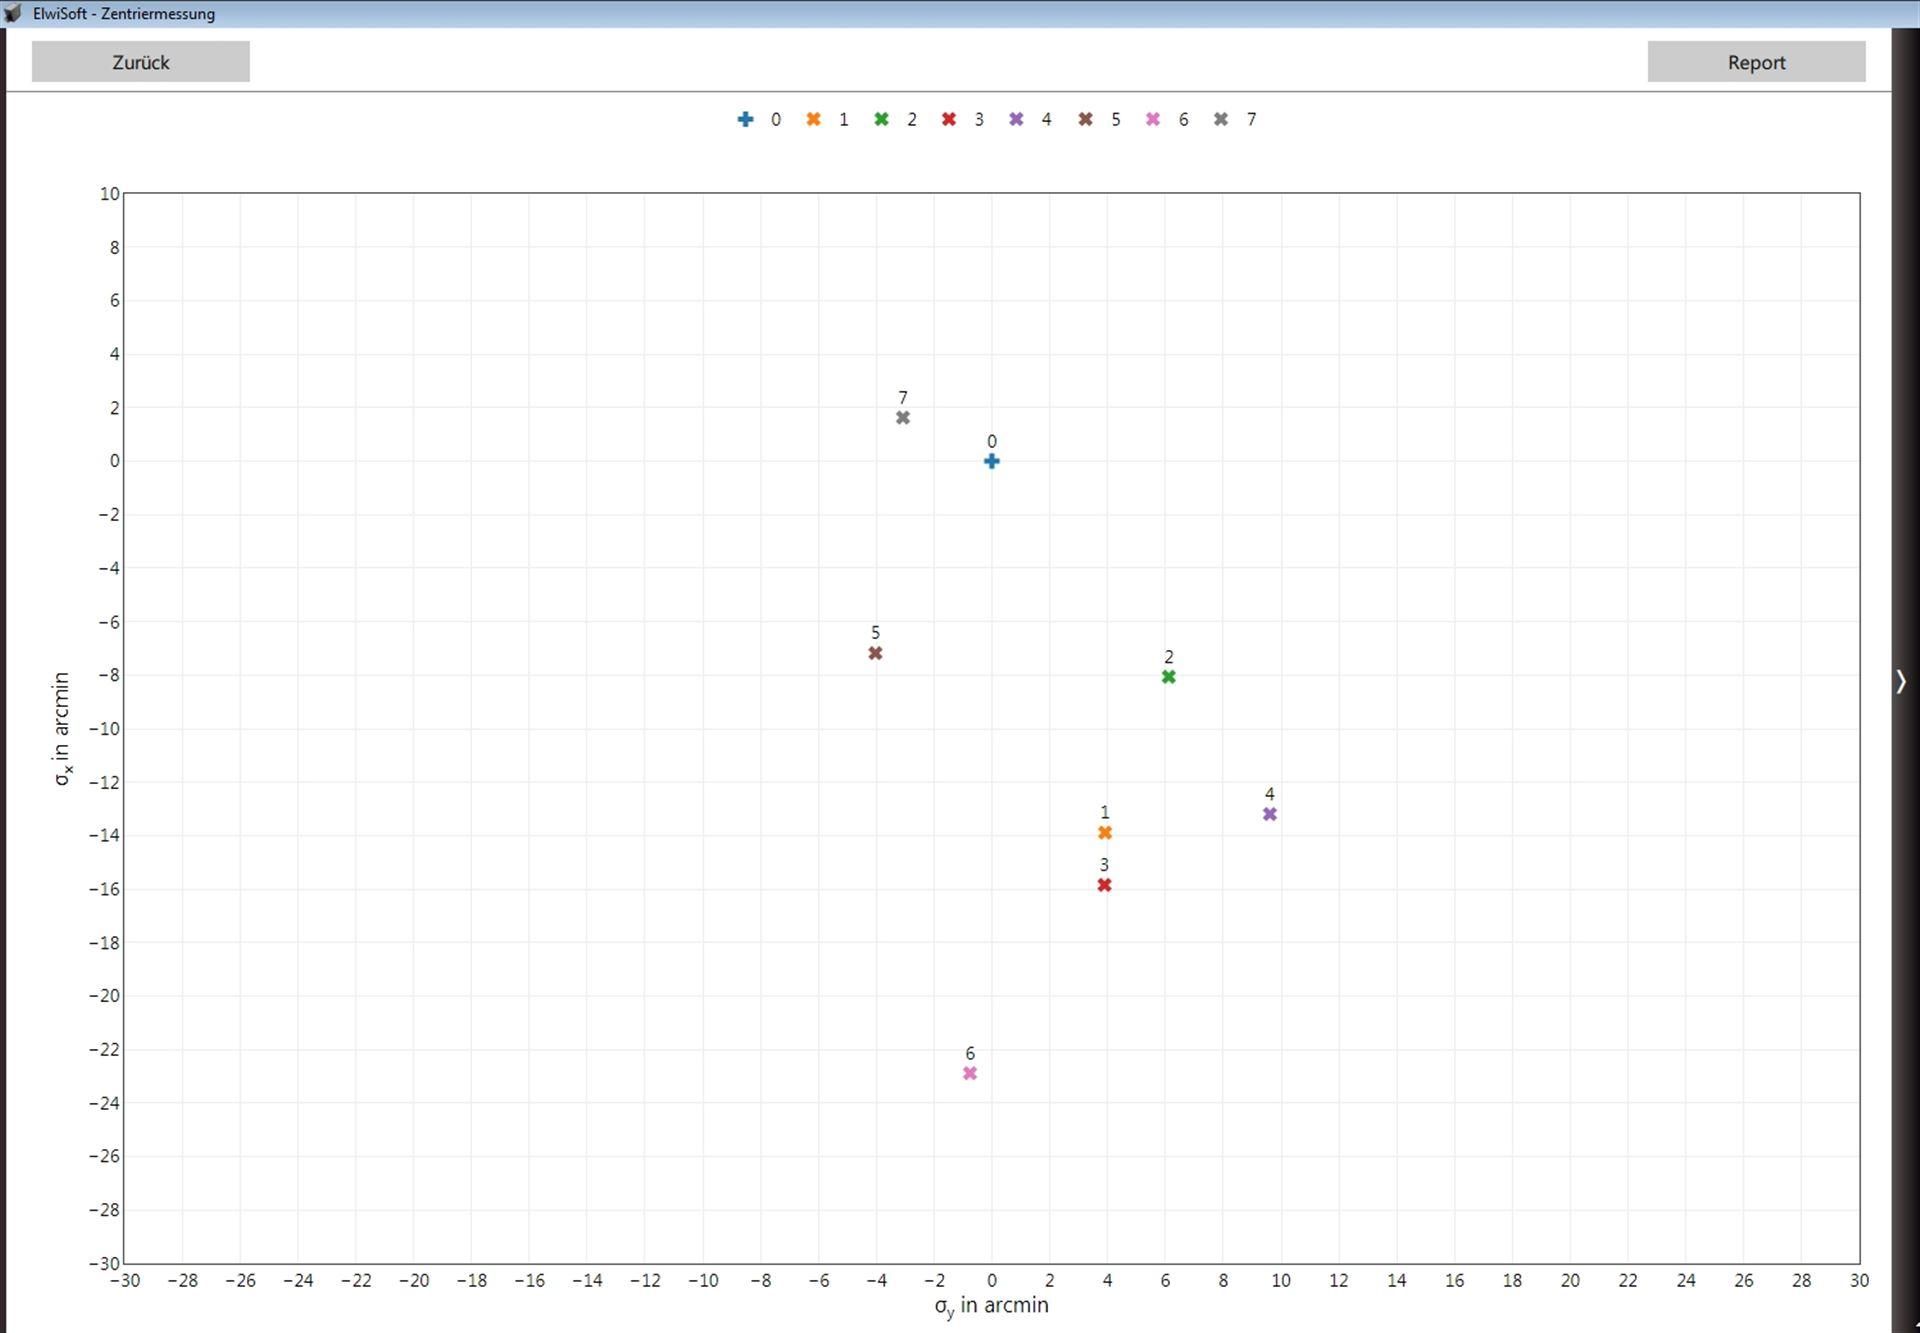 Ergebnis von 7 Oberflächen in Bezug auf die mechanische Referenz (0)